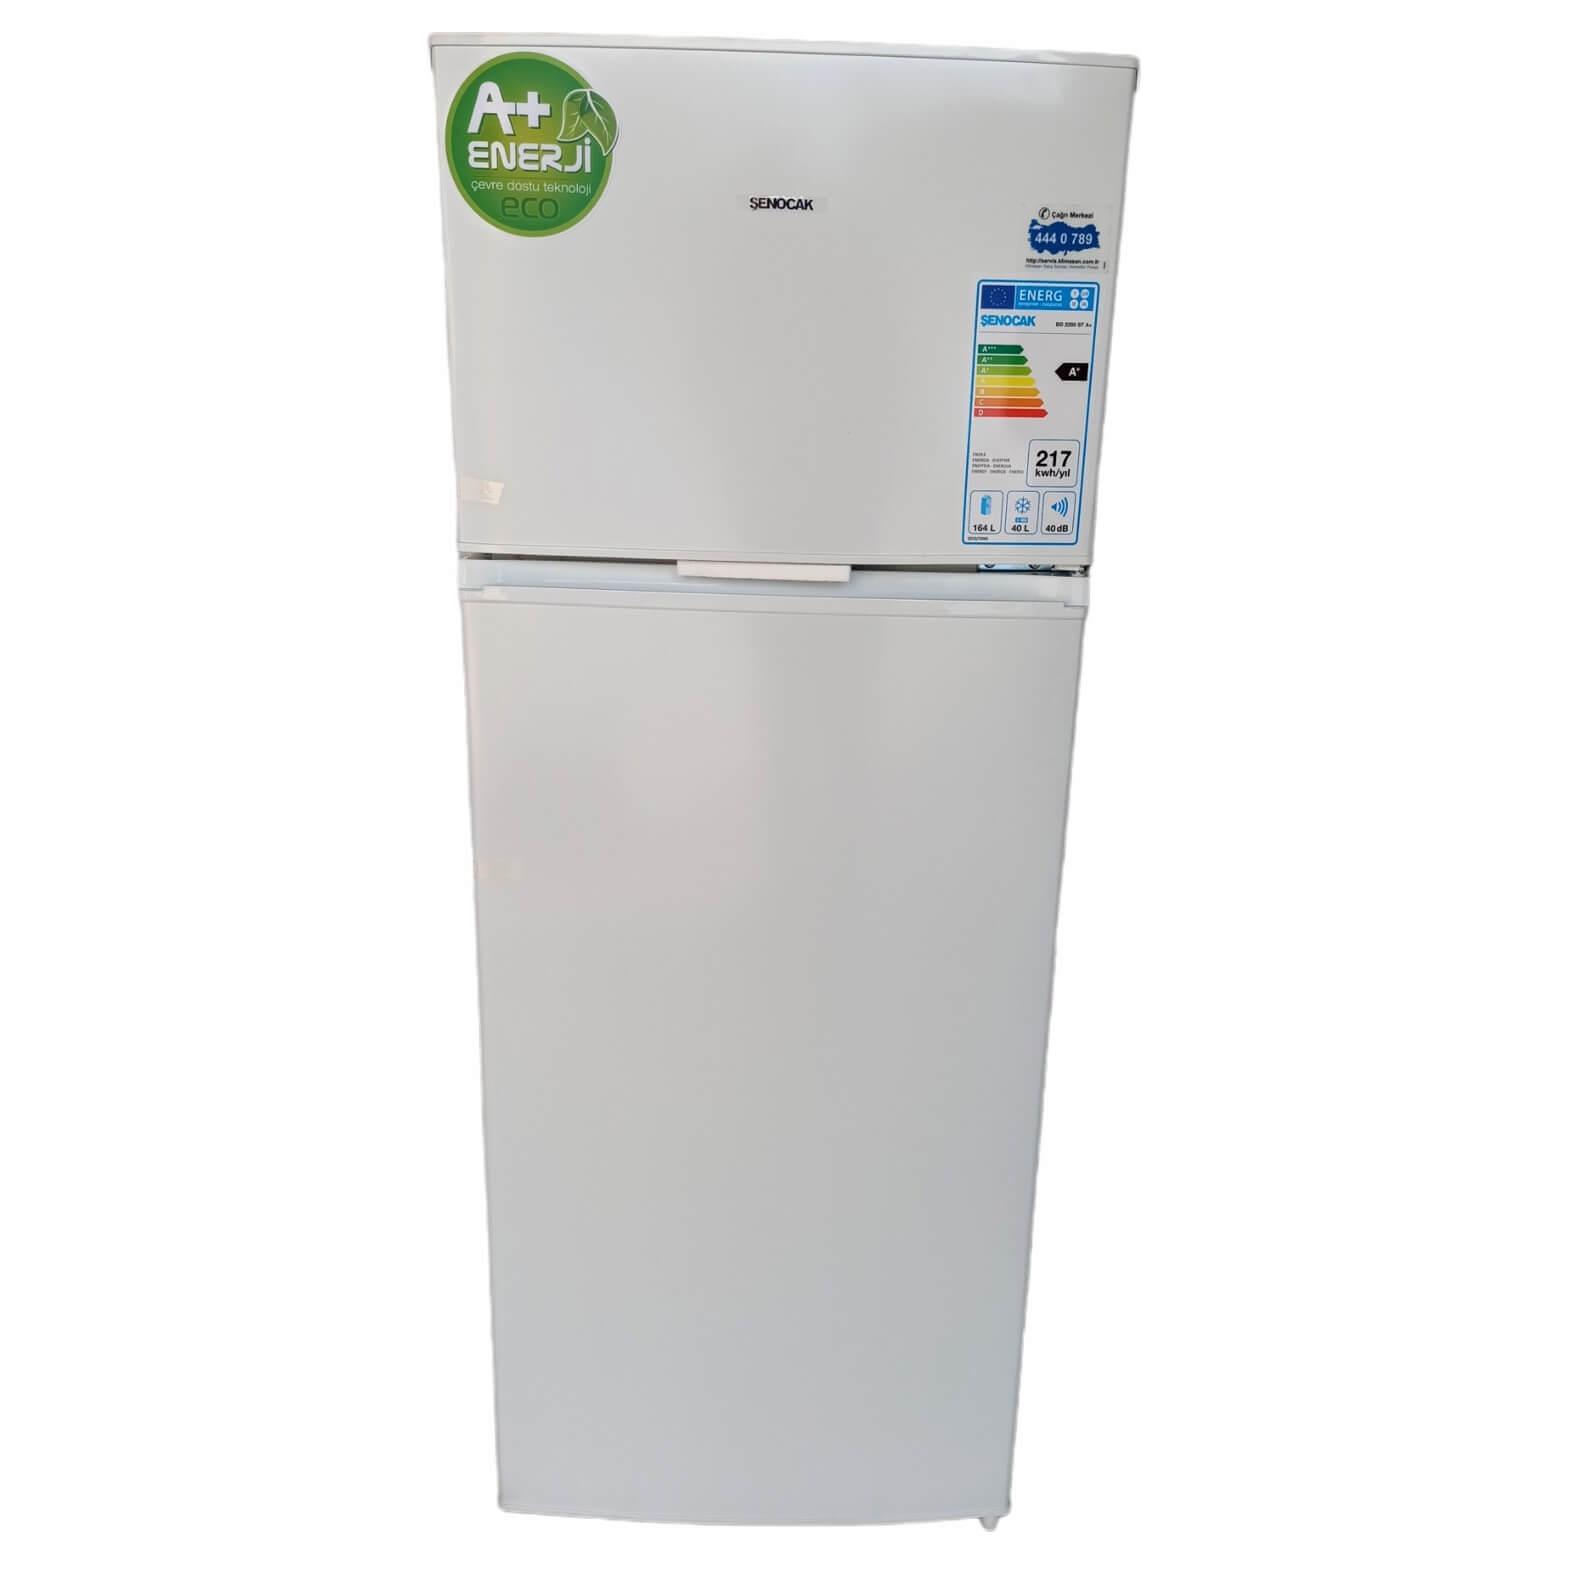 Şenocak BD 2280 ST A+ buzdolabi